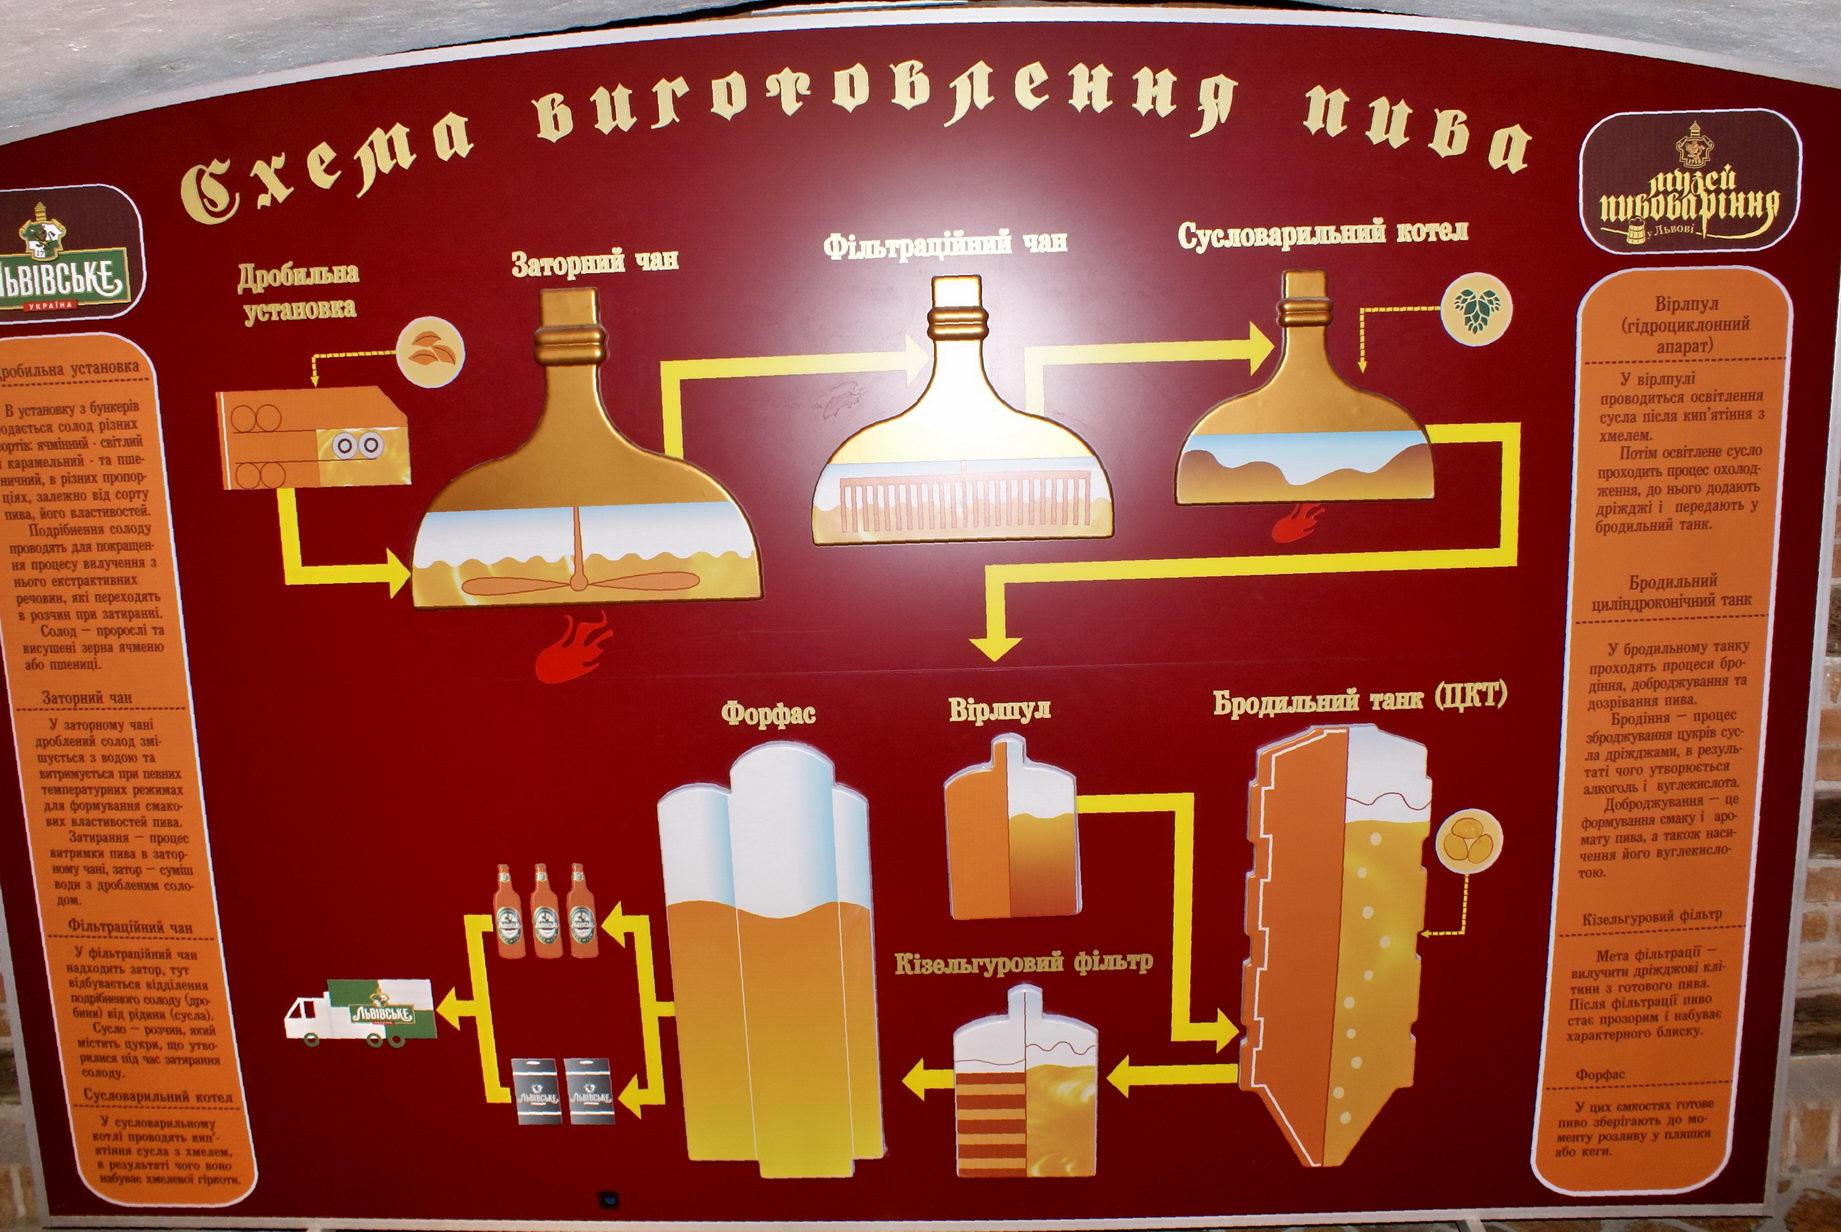 Львов. Музей пивоварения (Музей пива)